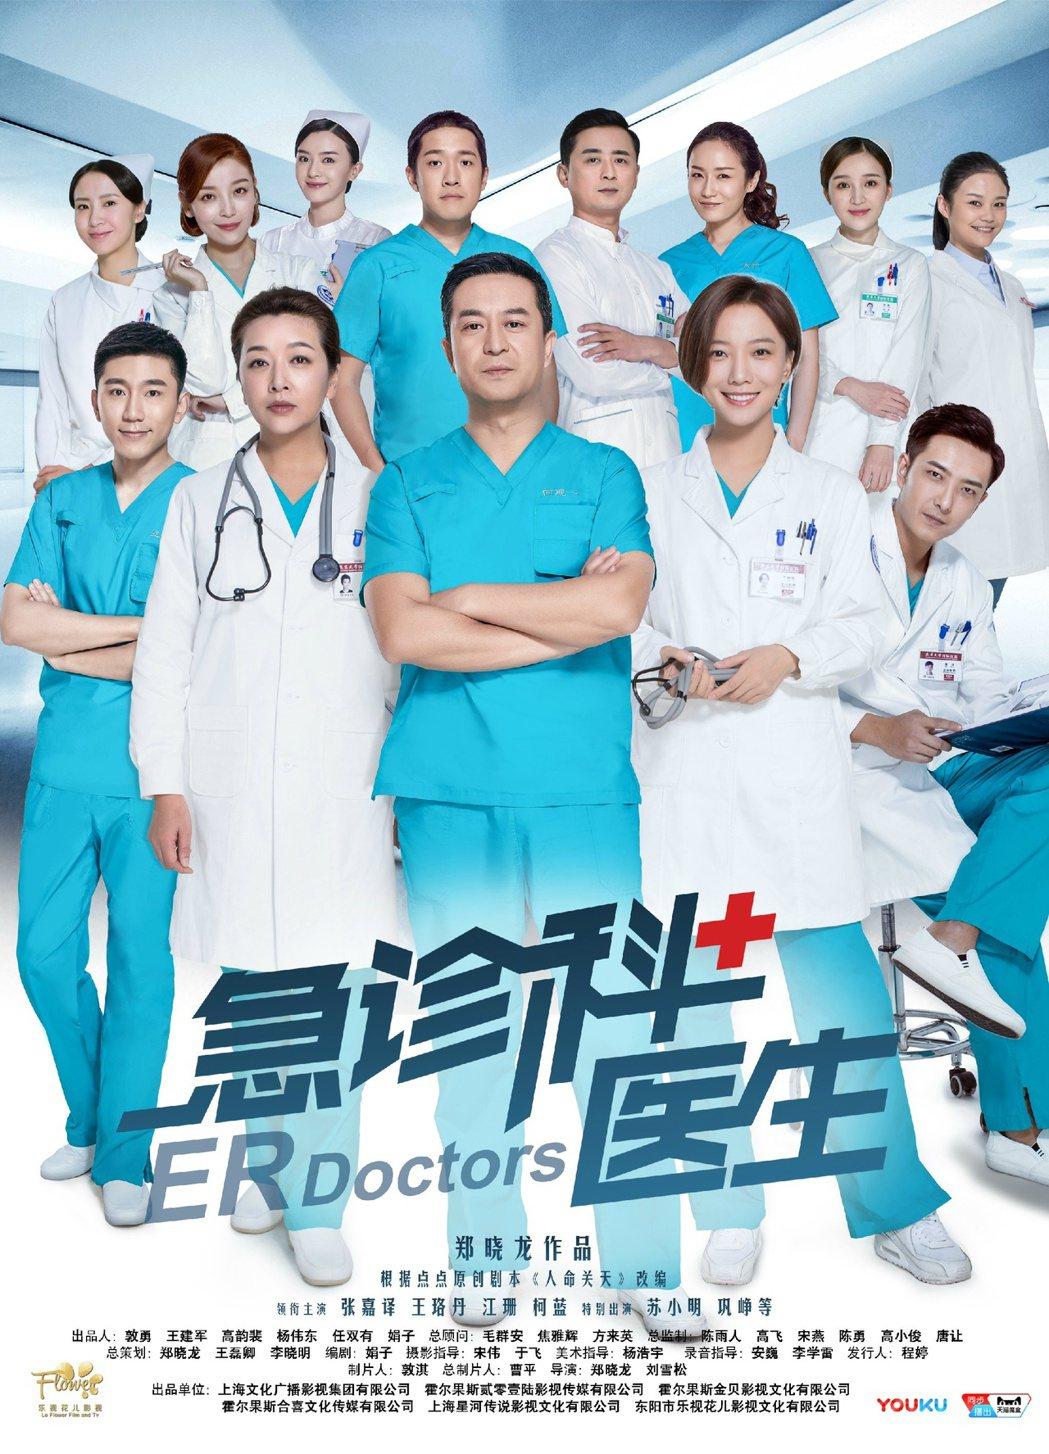 「急診科醫生」是一齣2017年播出的電視劇。 圖/擷自急診科醫生微博